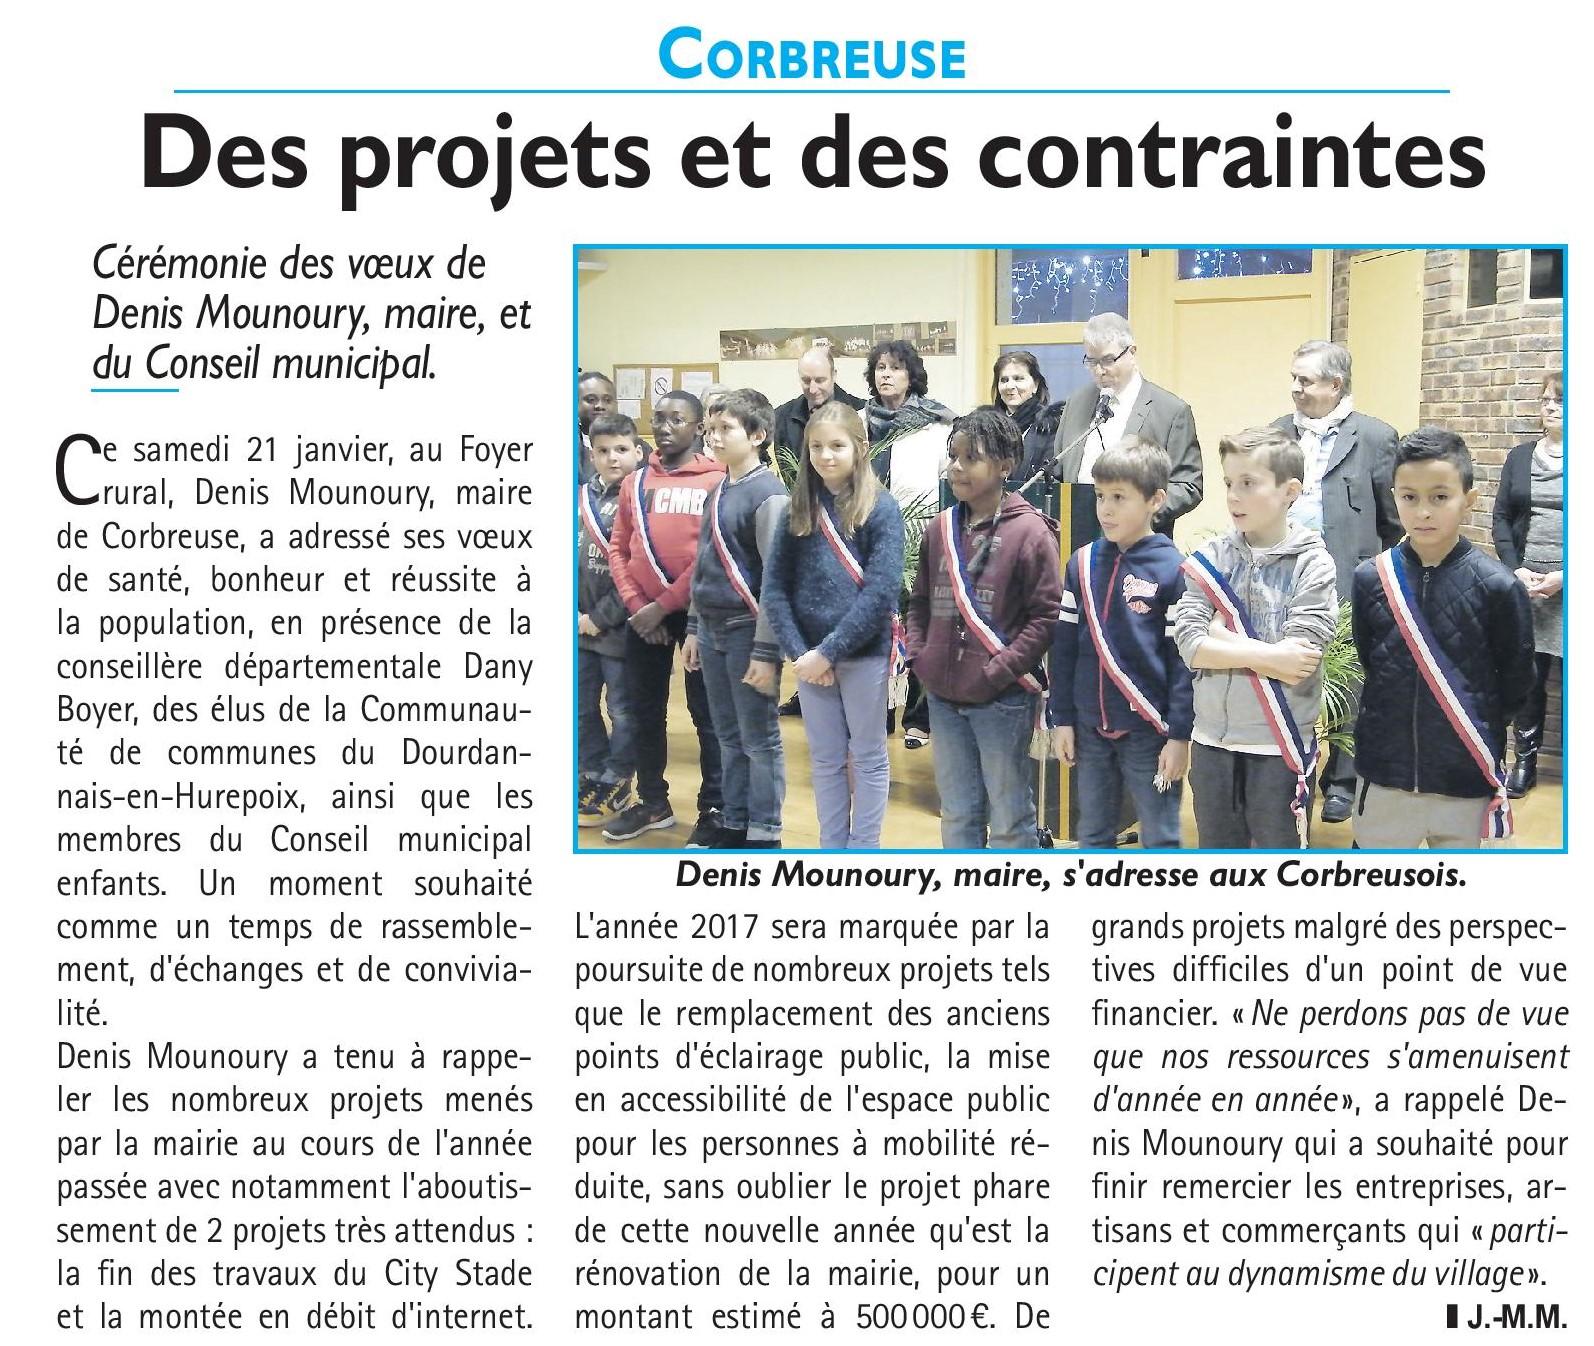 Journal Le Républicain du 26/01/2017